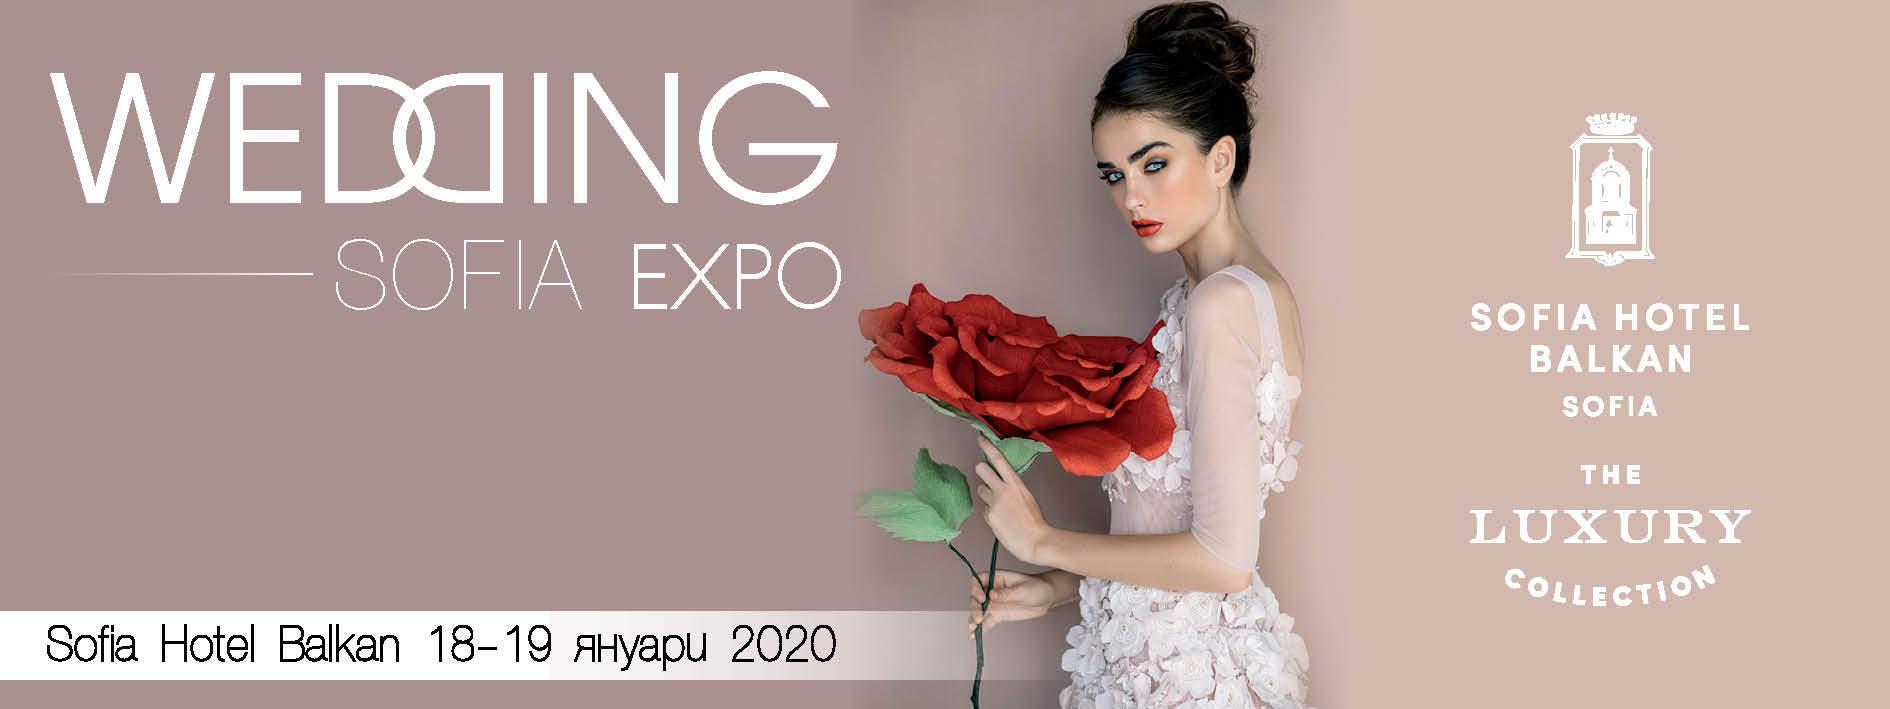 Sofia Wedding Expo 2020 - сватбено изложение